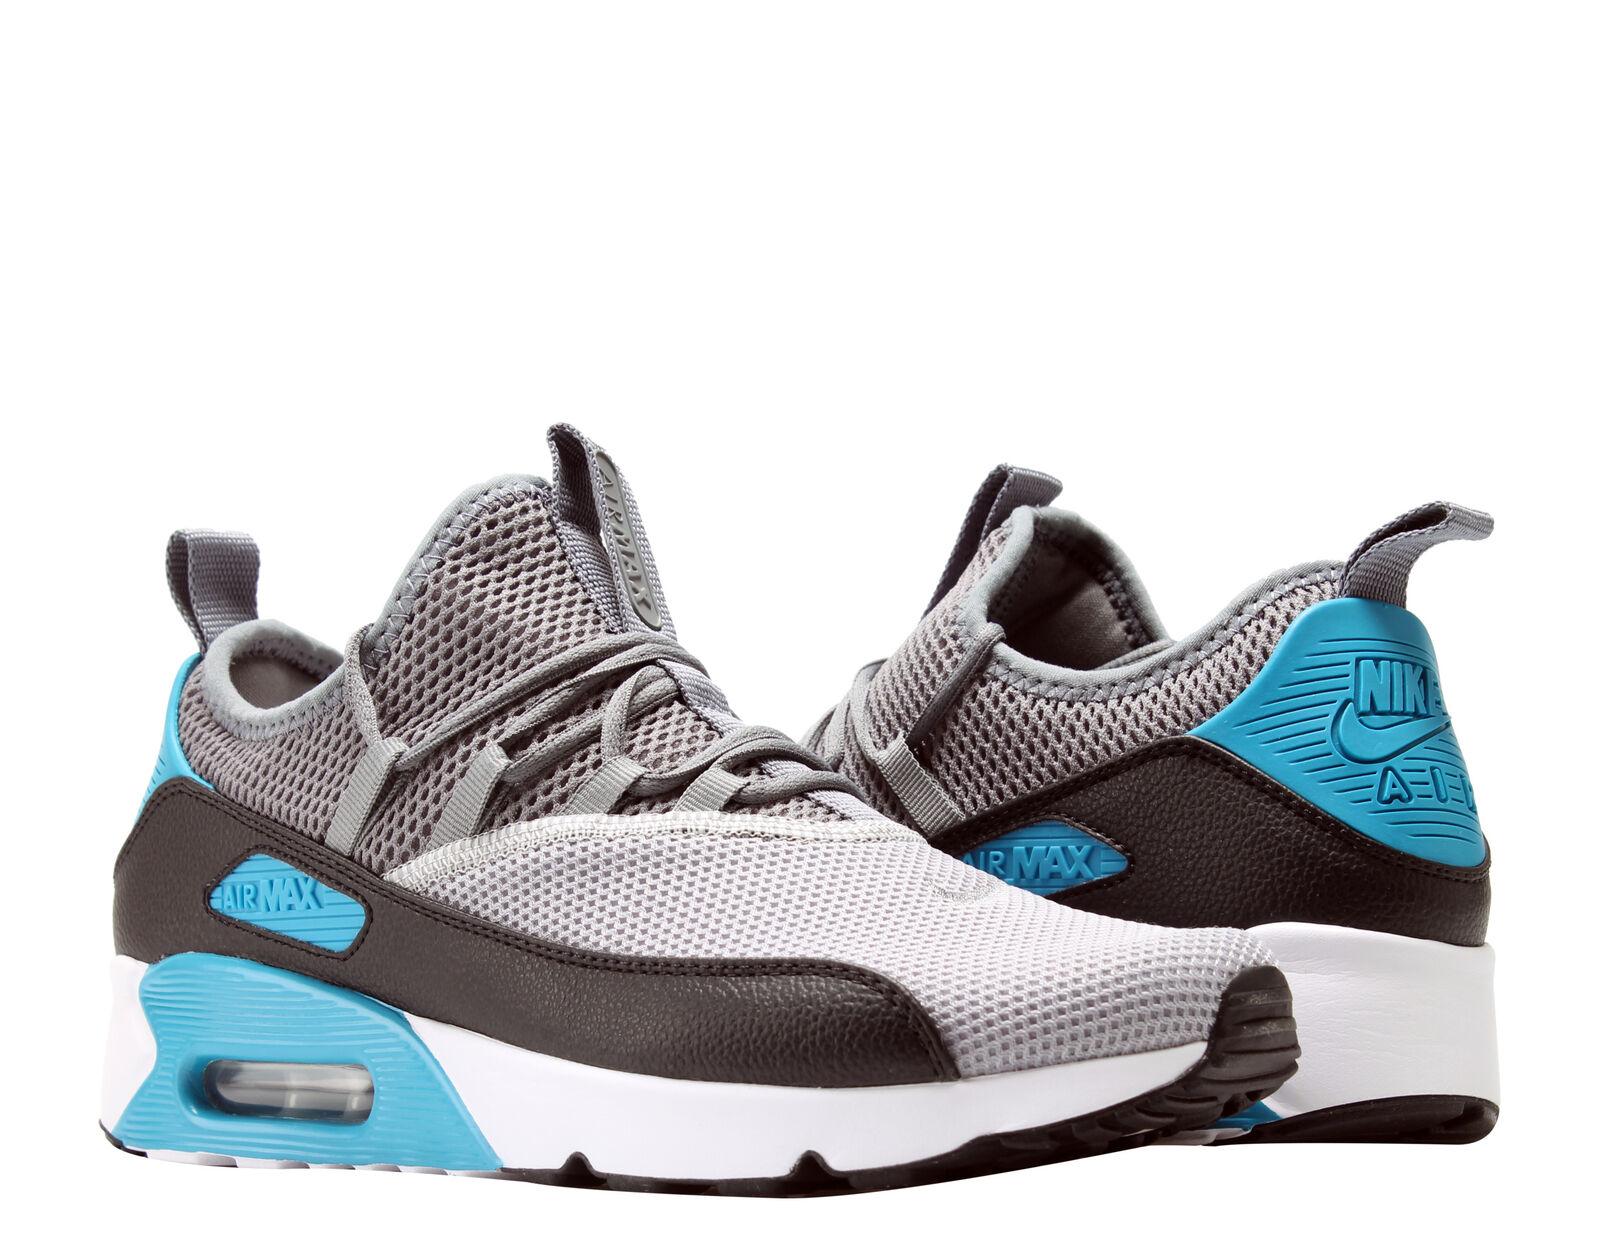 Nike air max 90 ed grigio / nero laser blu, scarpe da corsa ao1745-004 uomini